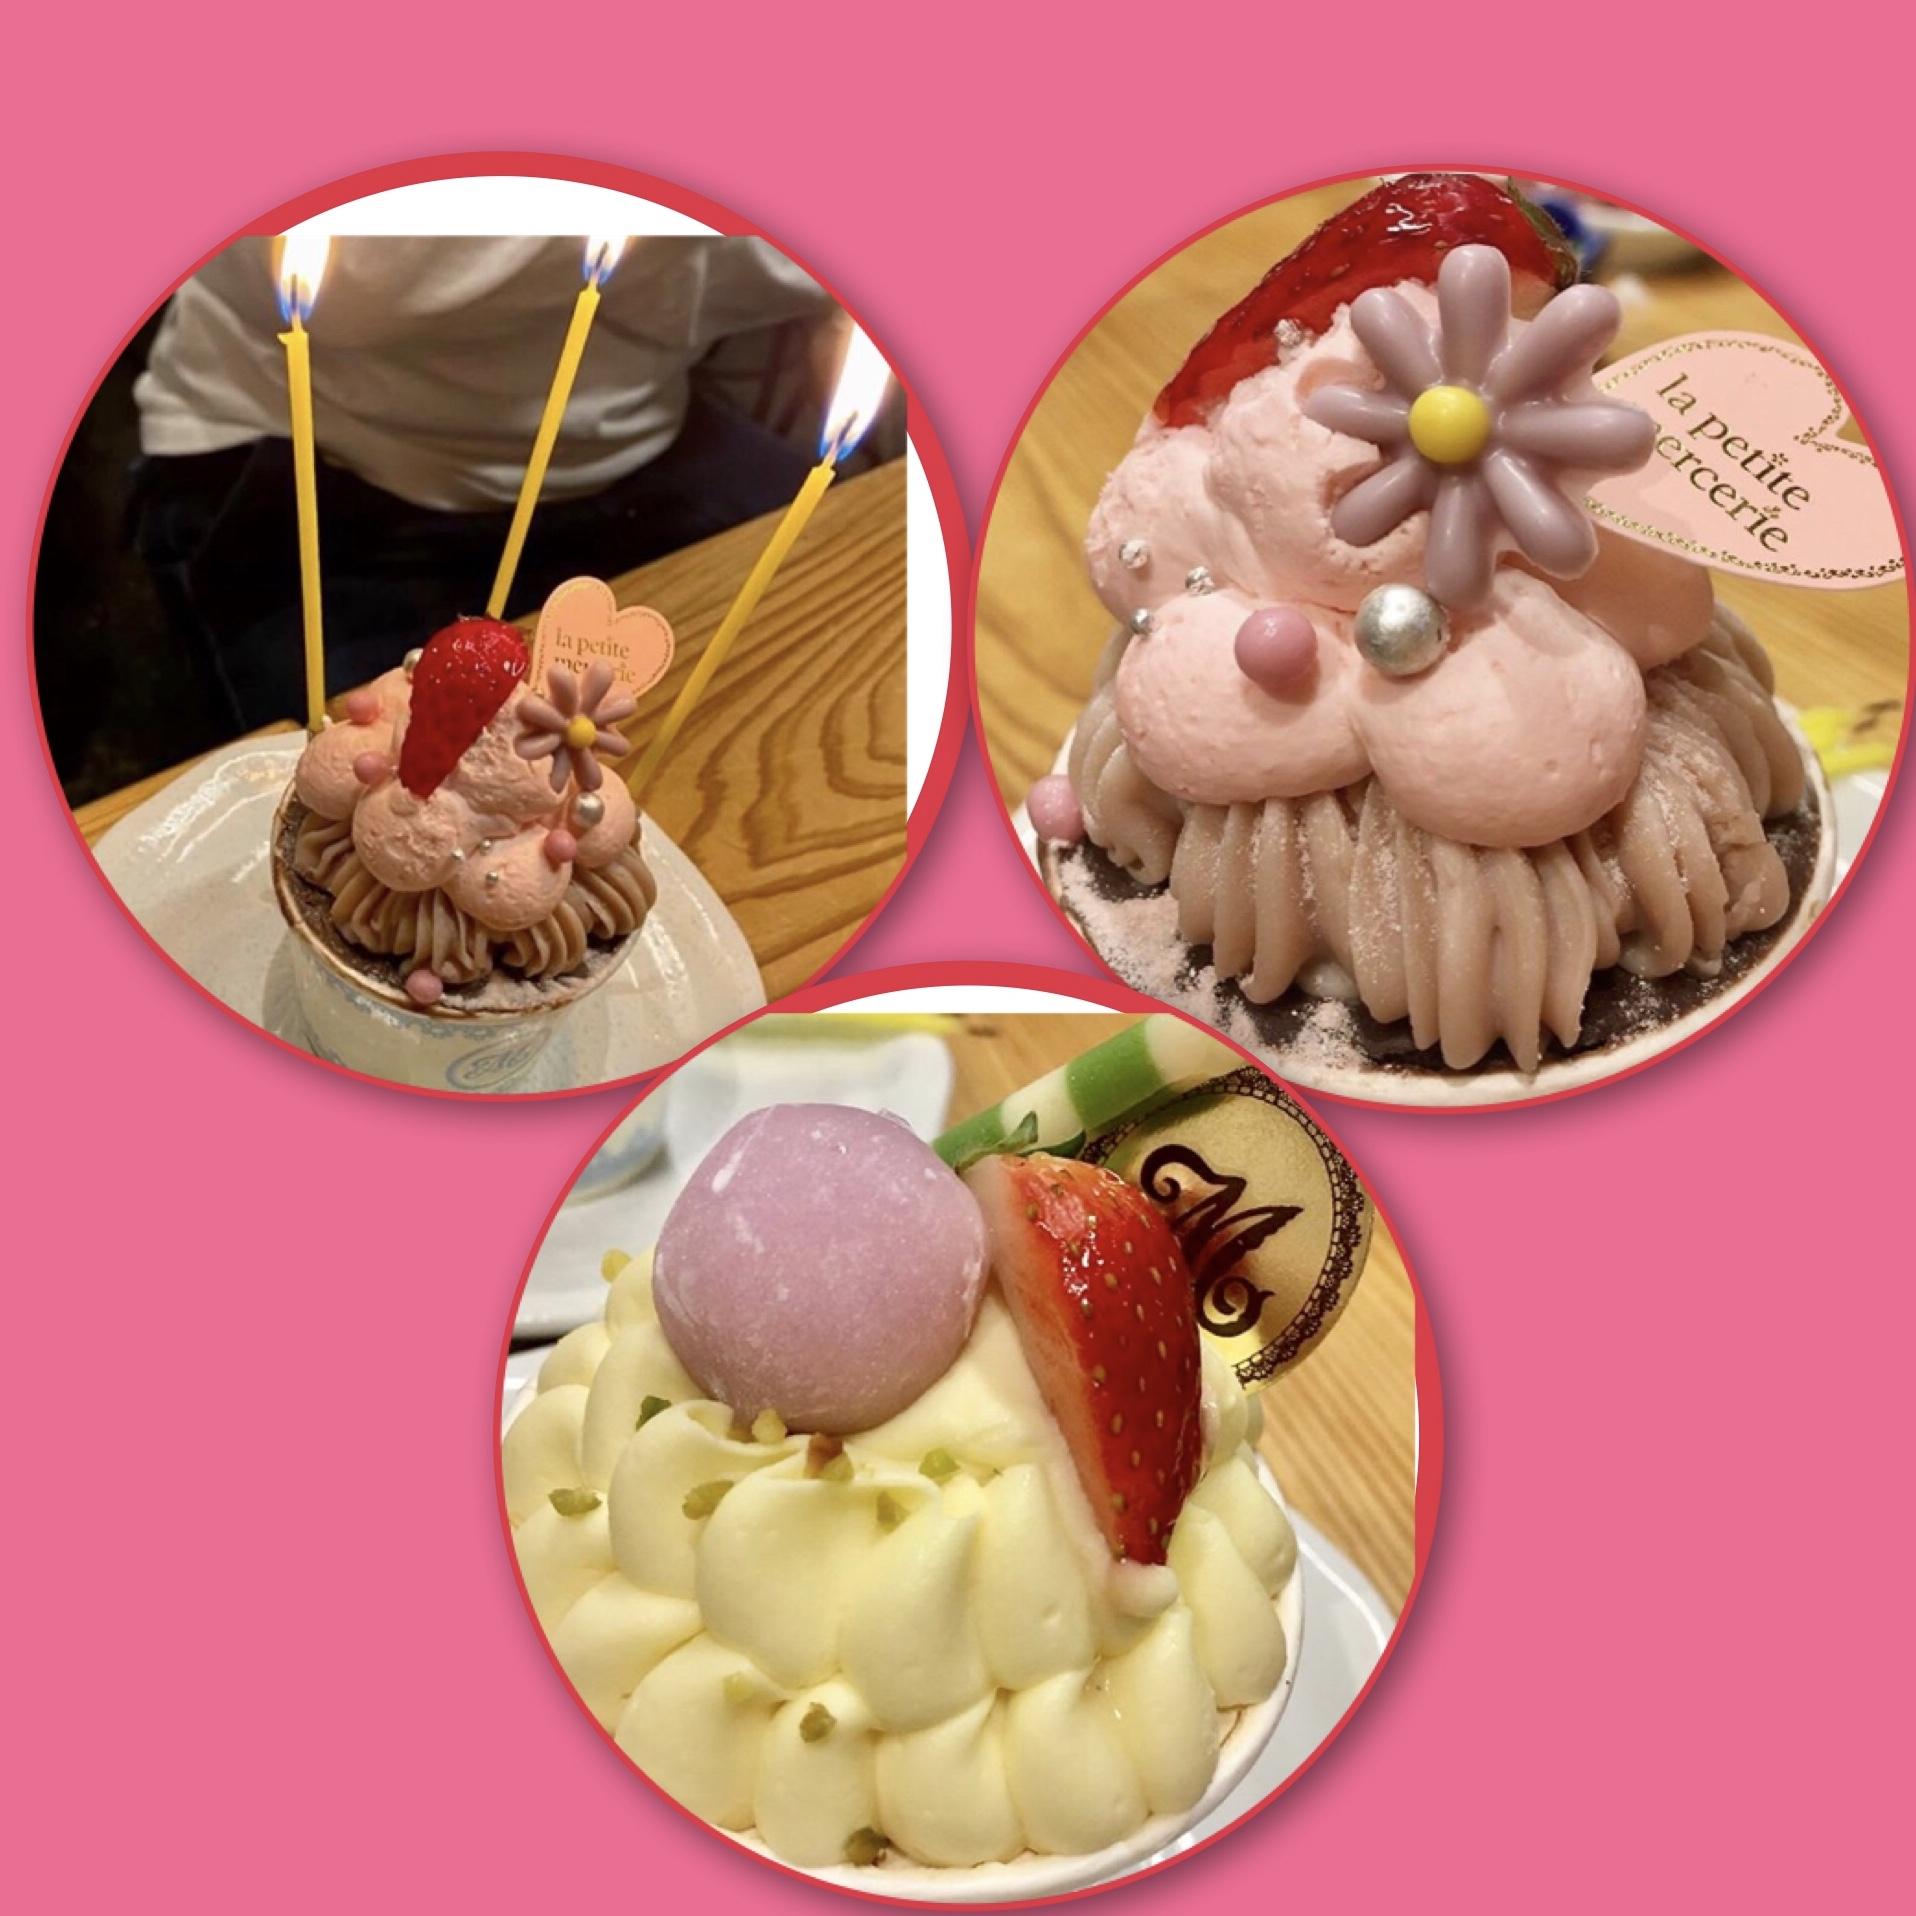 見てかわいい、食べて美味しいおすすめの誕生日ケーキ特集♡_7